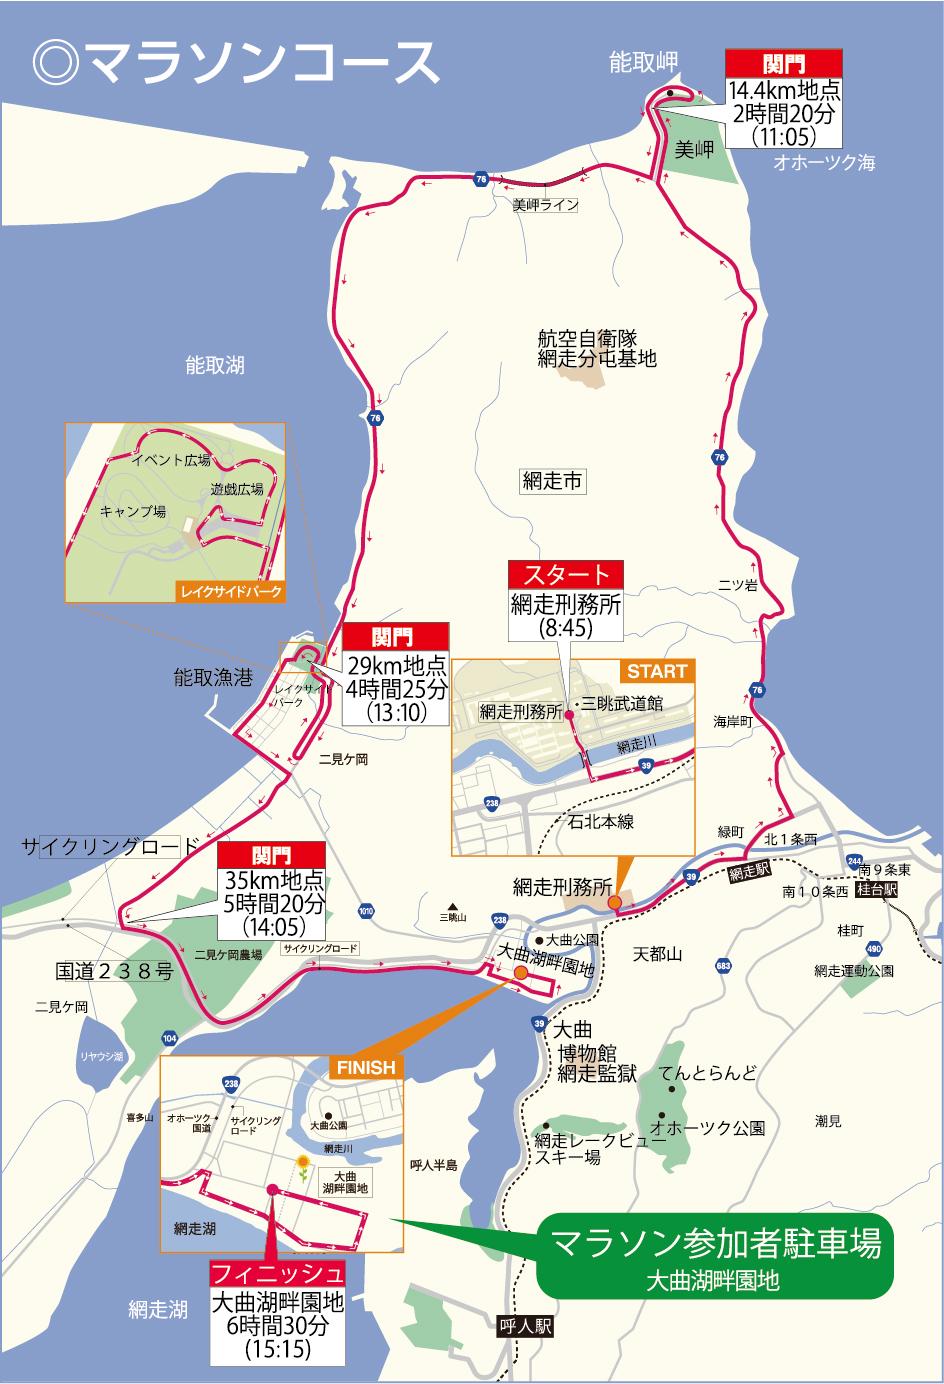 コースマップ(マラソンコース)